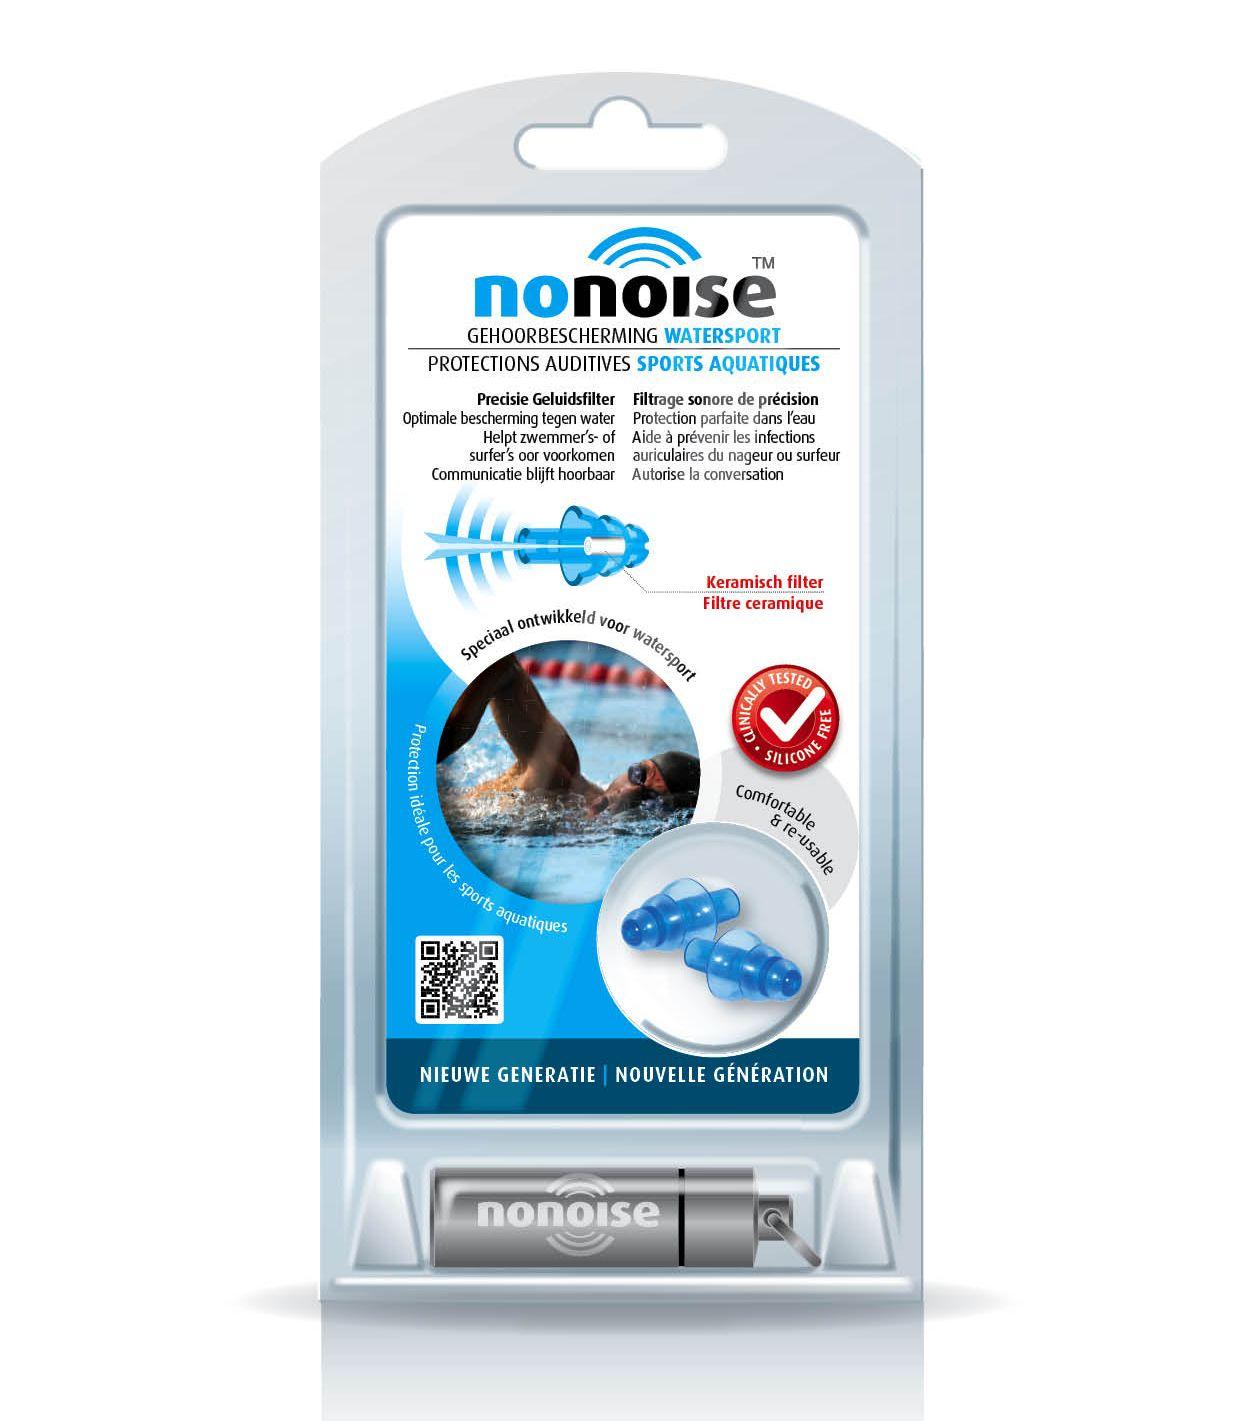 NoNoise Gehoorbescherming watersport